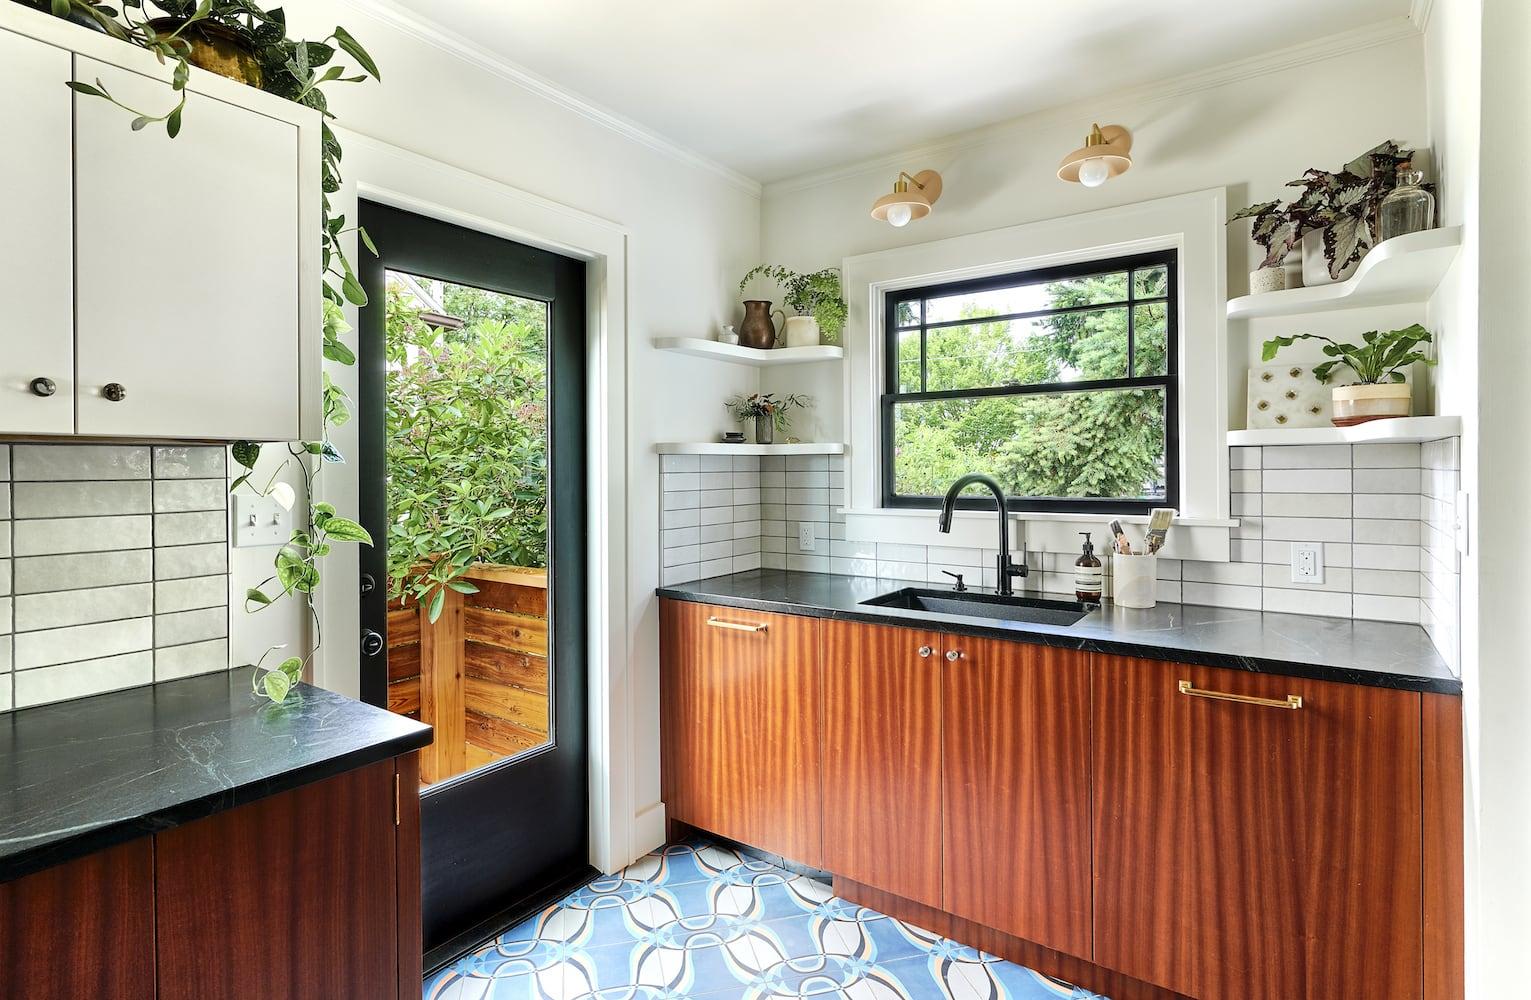 Kitchen with soapstone counters, white tile backsplash, floating shelves